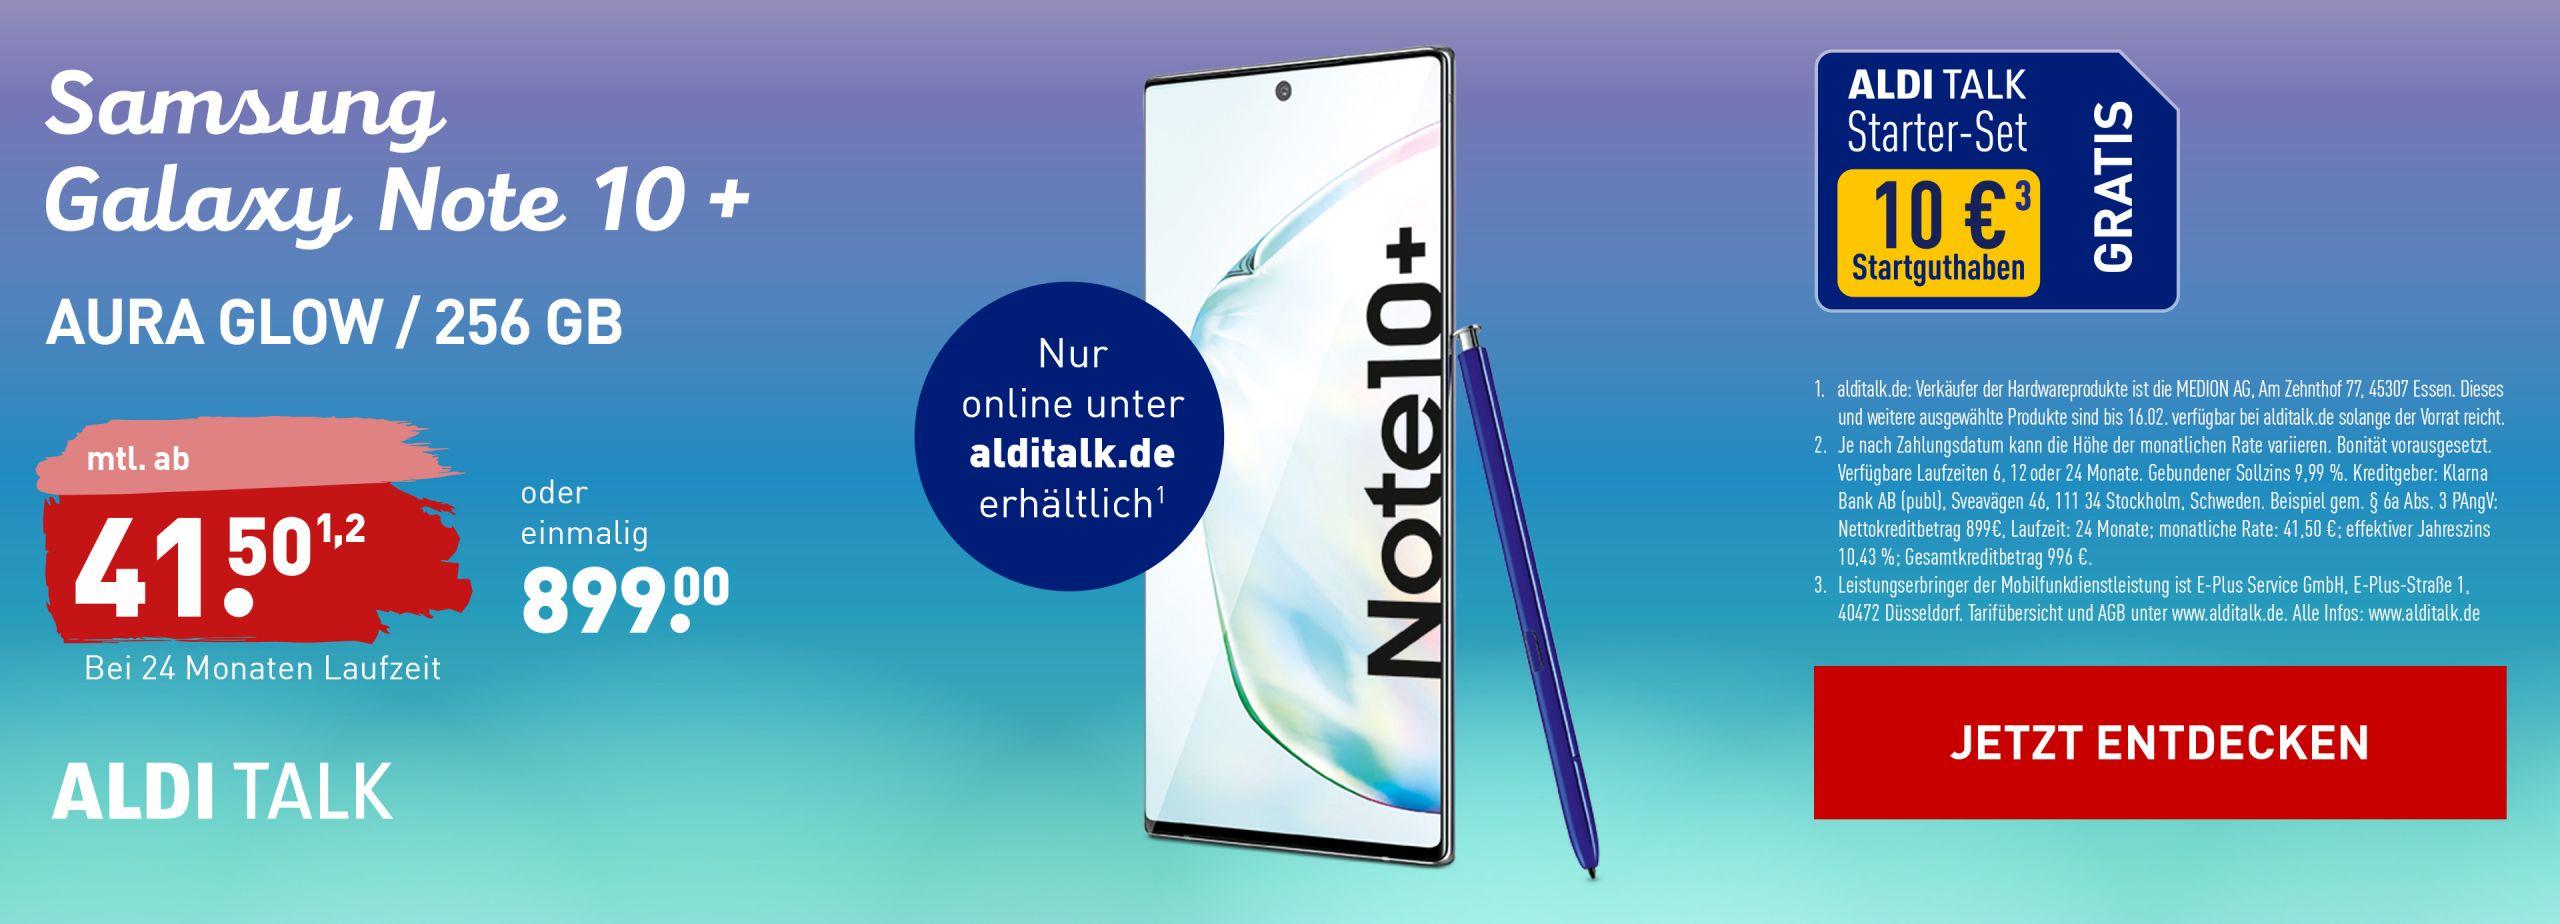 ALDI TALK Galaxy Note 10 Plus NORD Service Banner 3840x1386